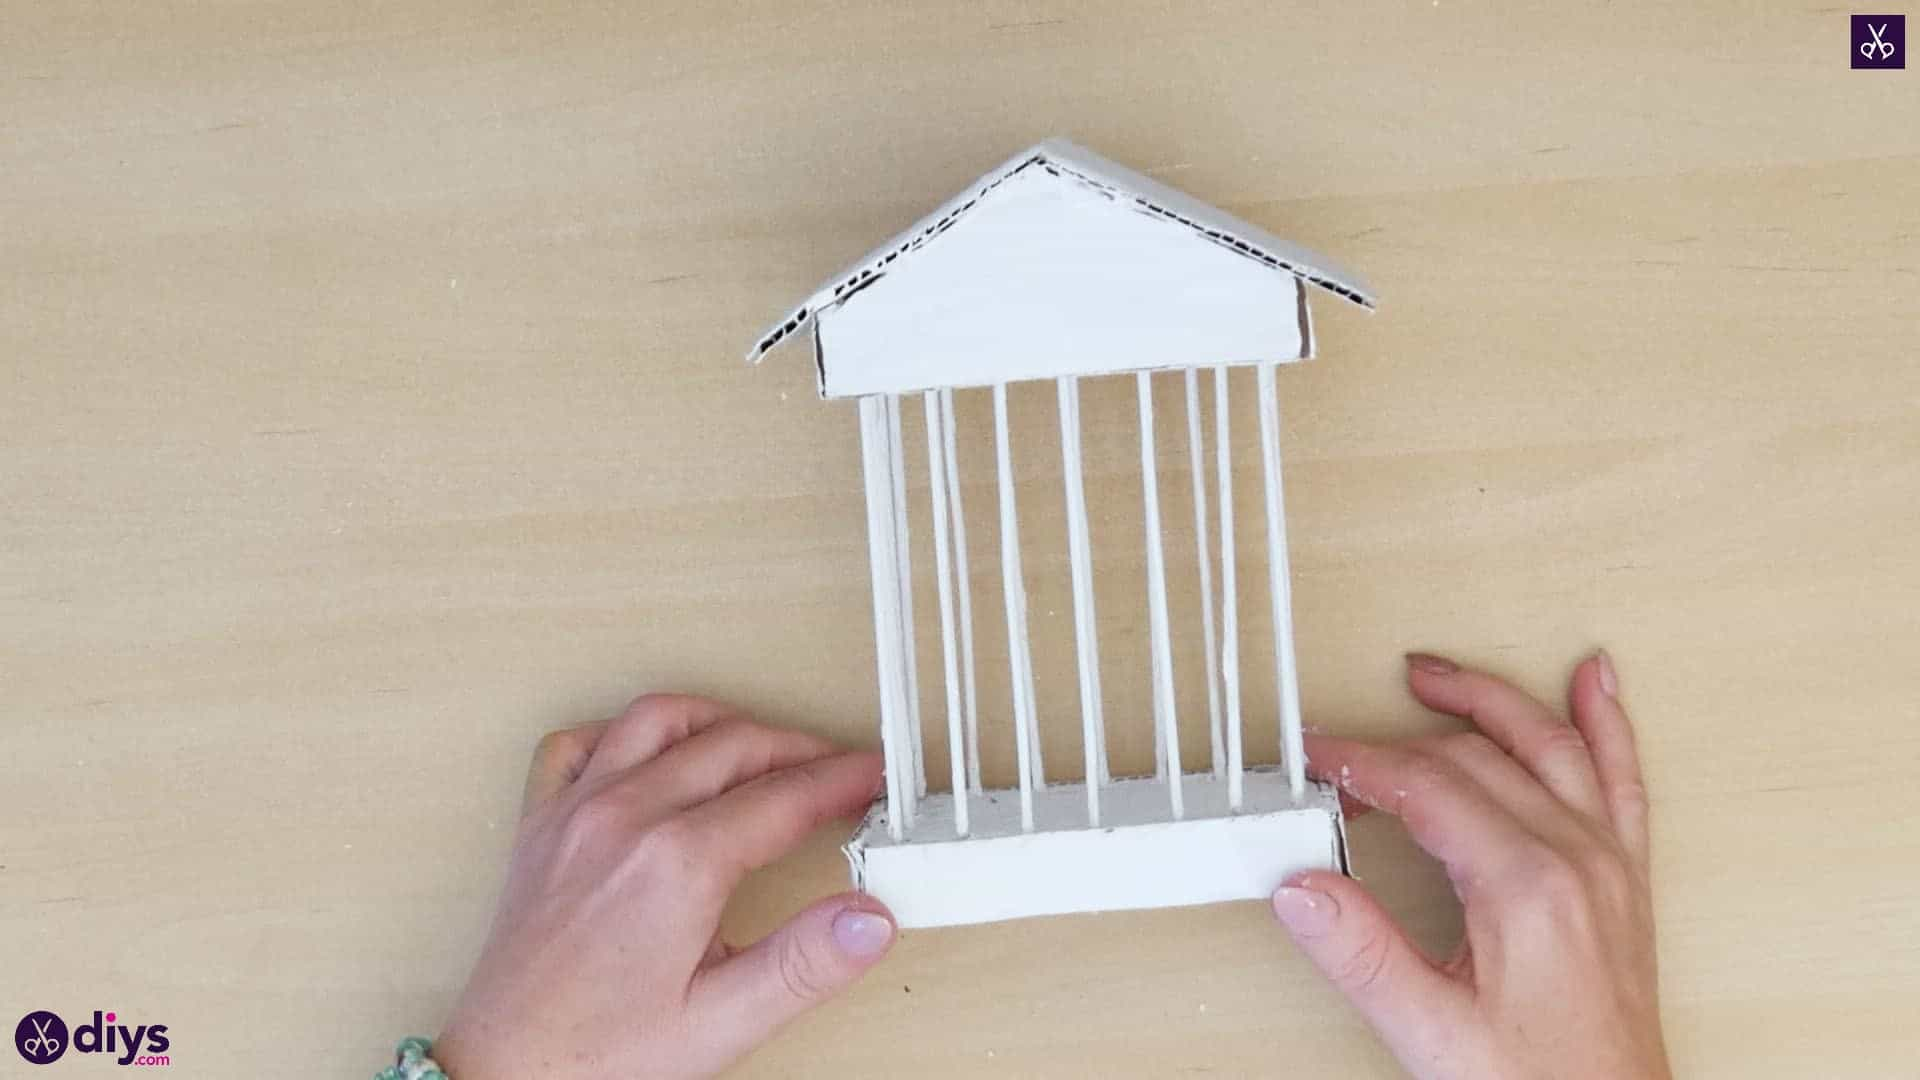 Diy miniature cage centerpiece step 9b